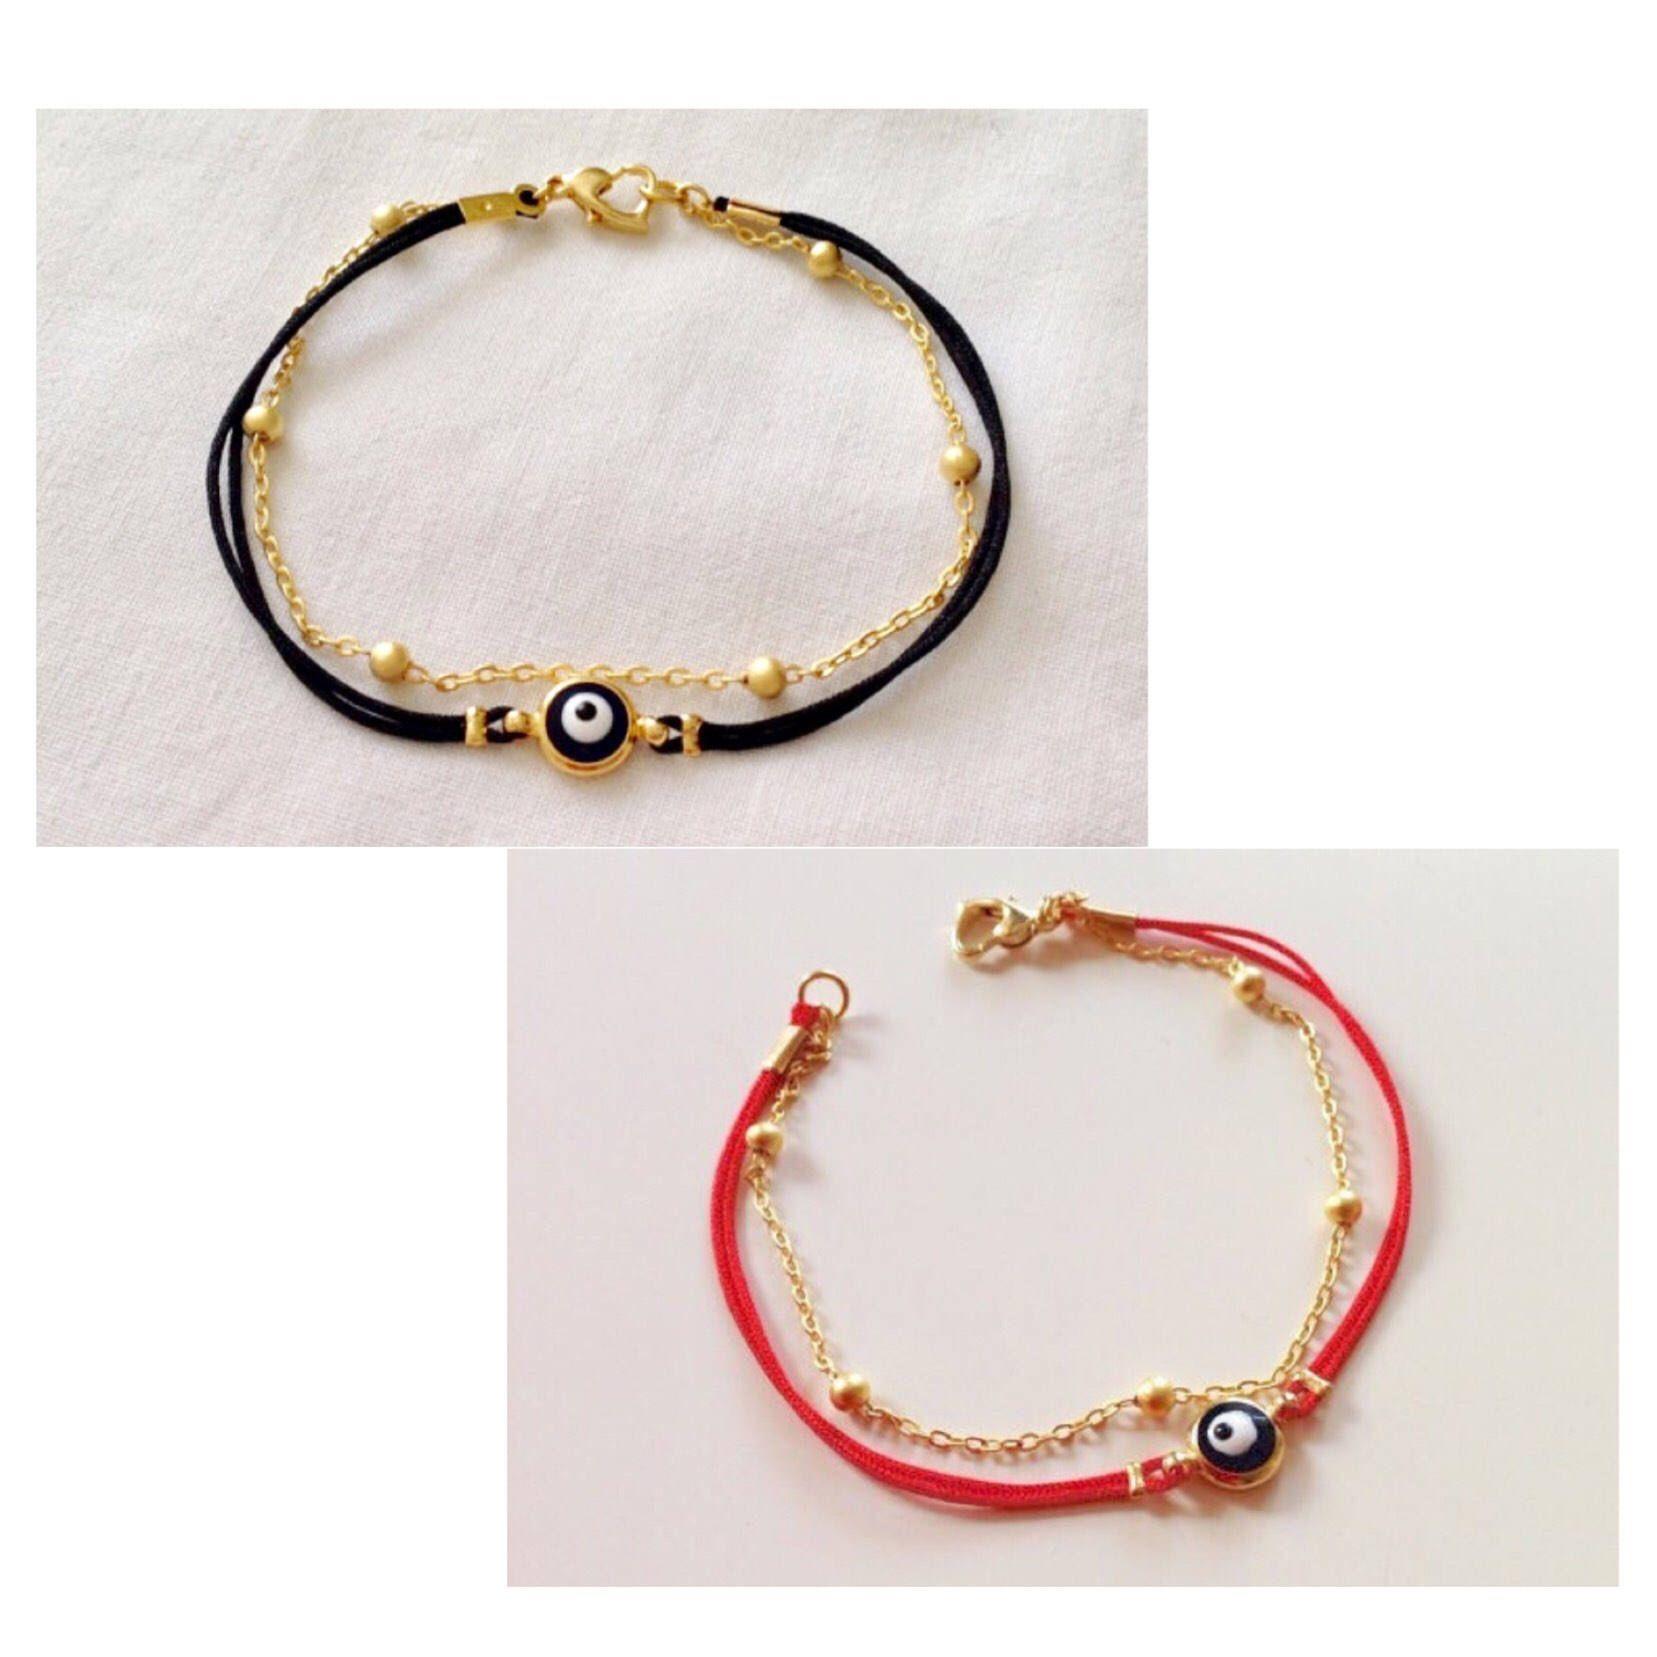 String Evil Eye Armbånd,Red String Evil Eye Perle Armbånd,Onde Øjne Smykker,Søde Armbånd, Lucky Charm,Tyrkisk Evil Eye Amulet Bracelelet